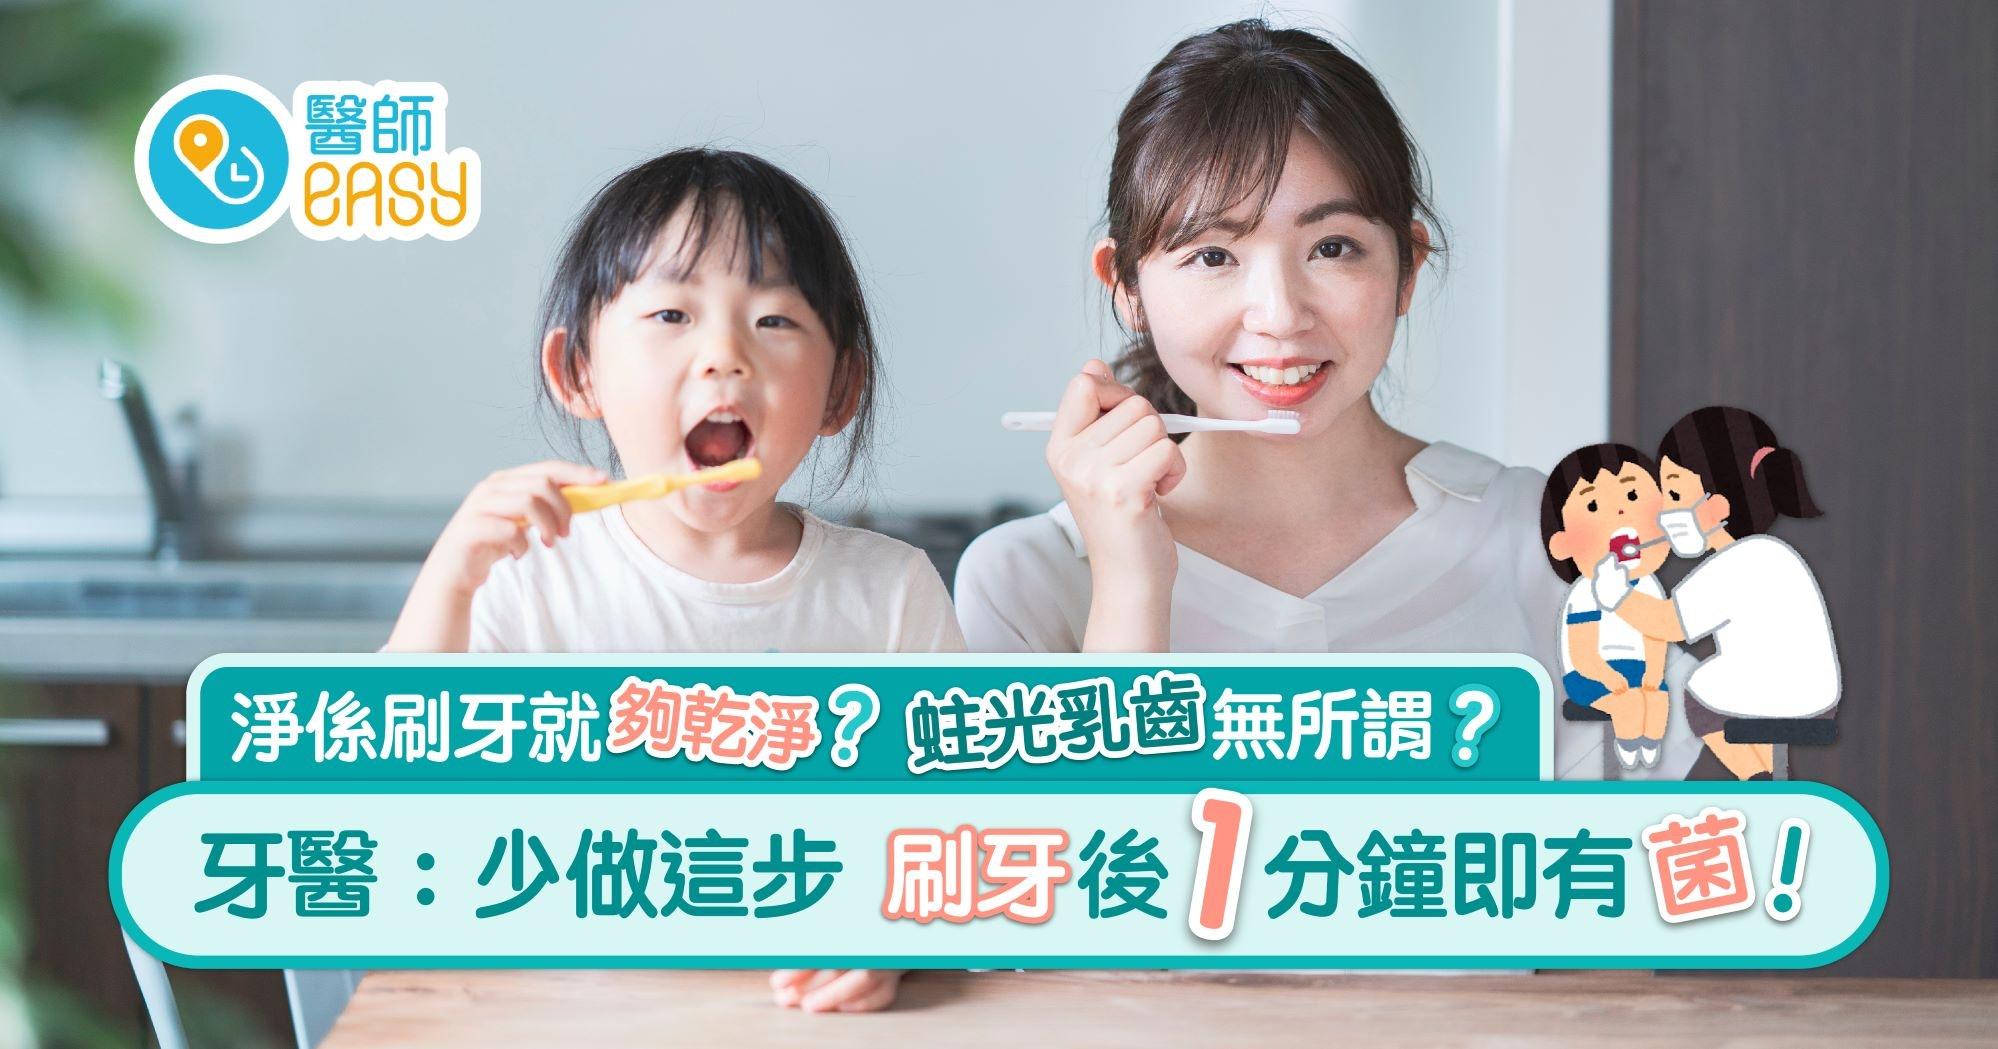 牙周病 刷牙加牙線就夠乾淨?1分鐘後即有菌?牙醫拆解蛀牙成因